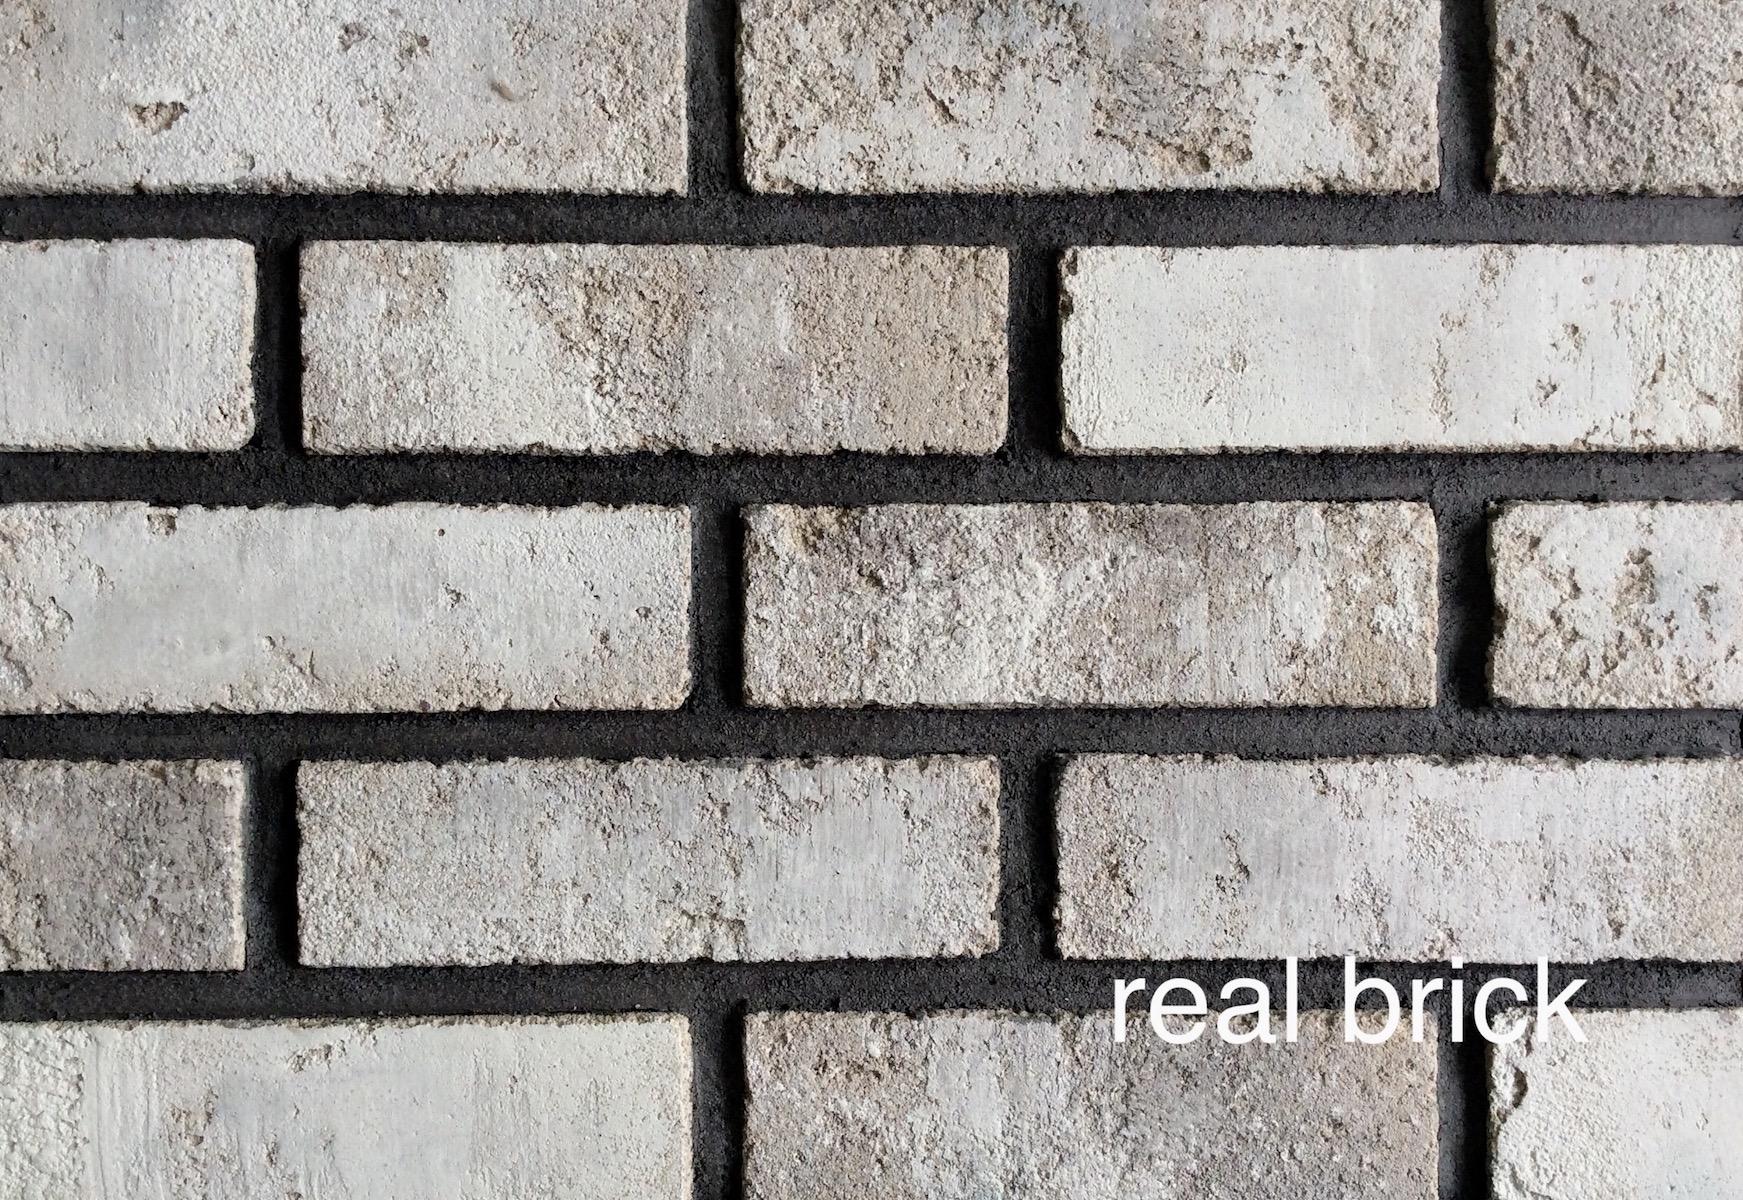 Real brick 4